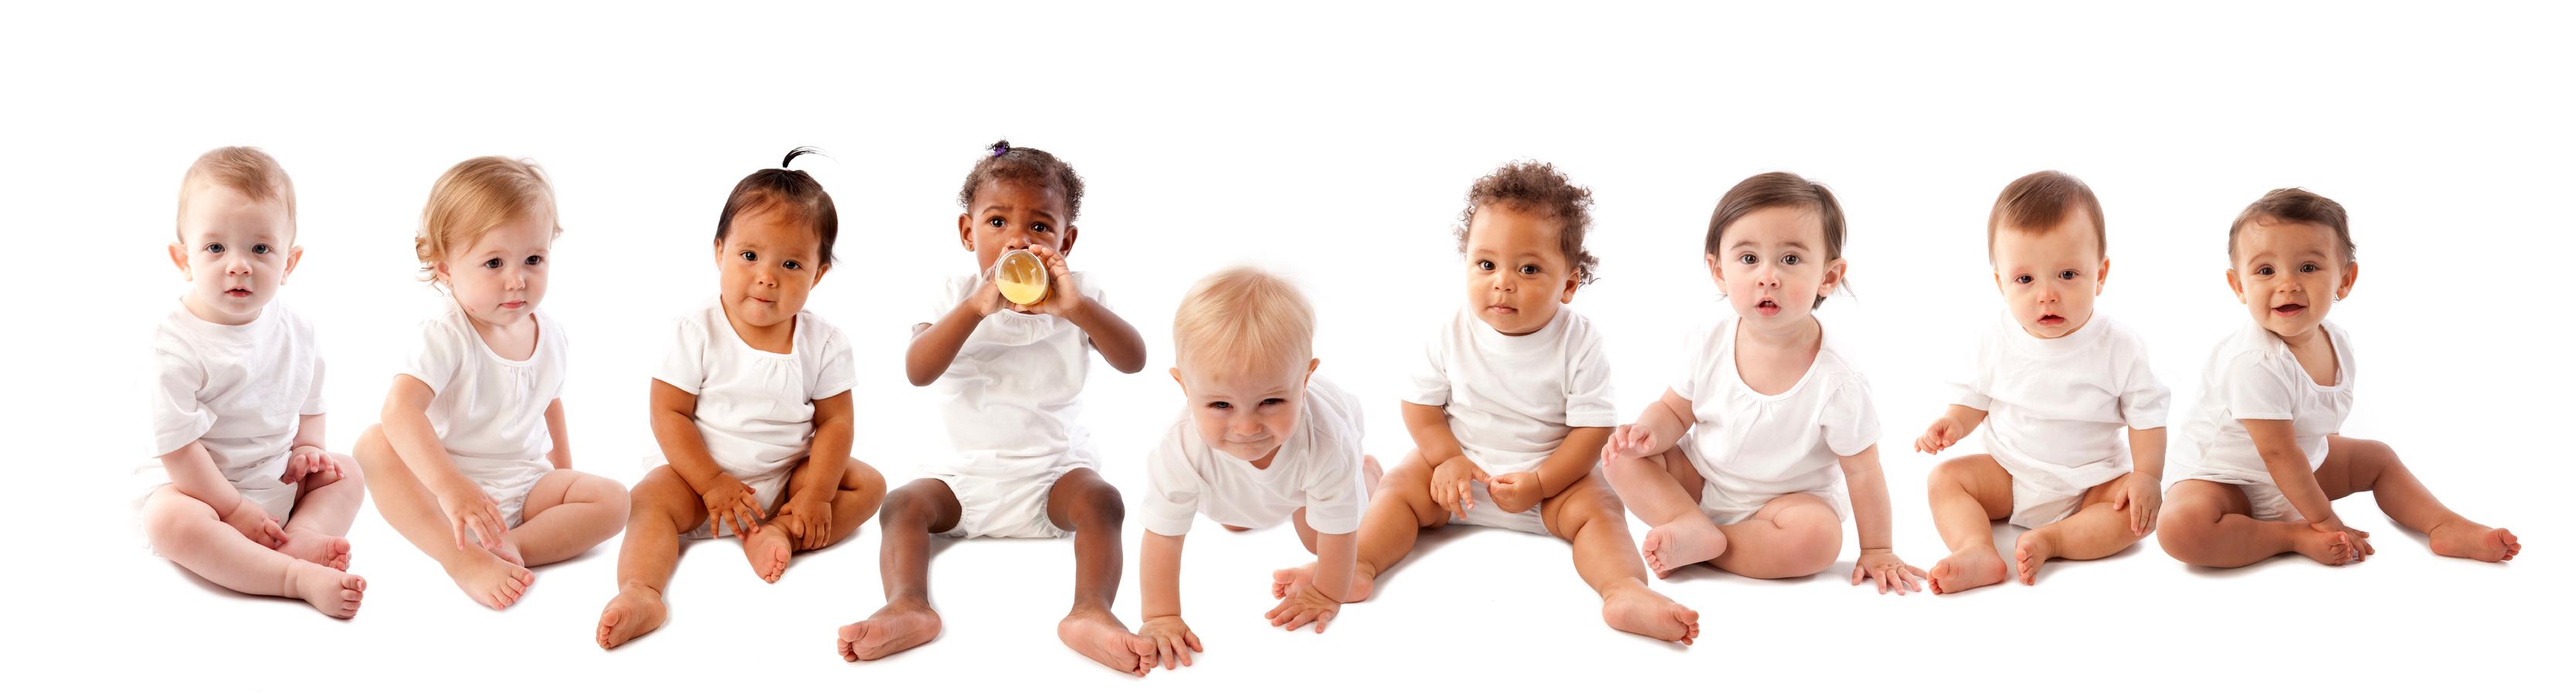 multiracial-babies-002